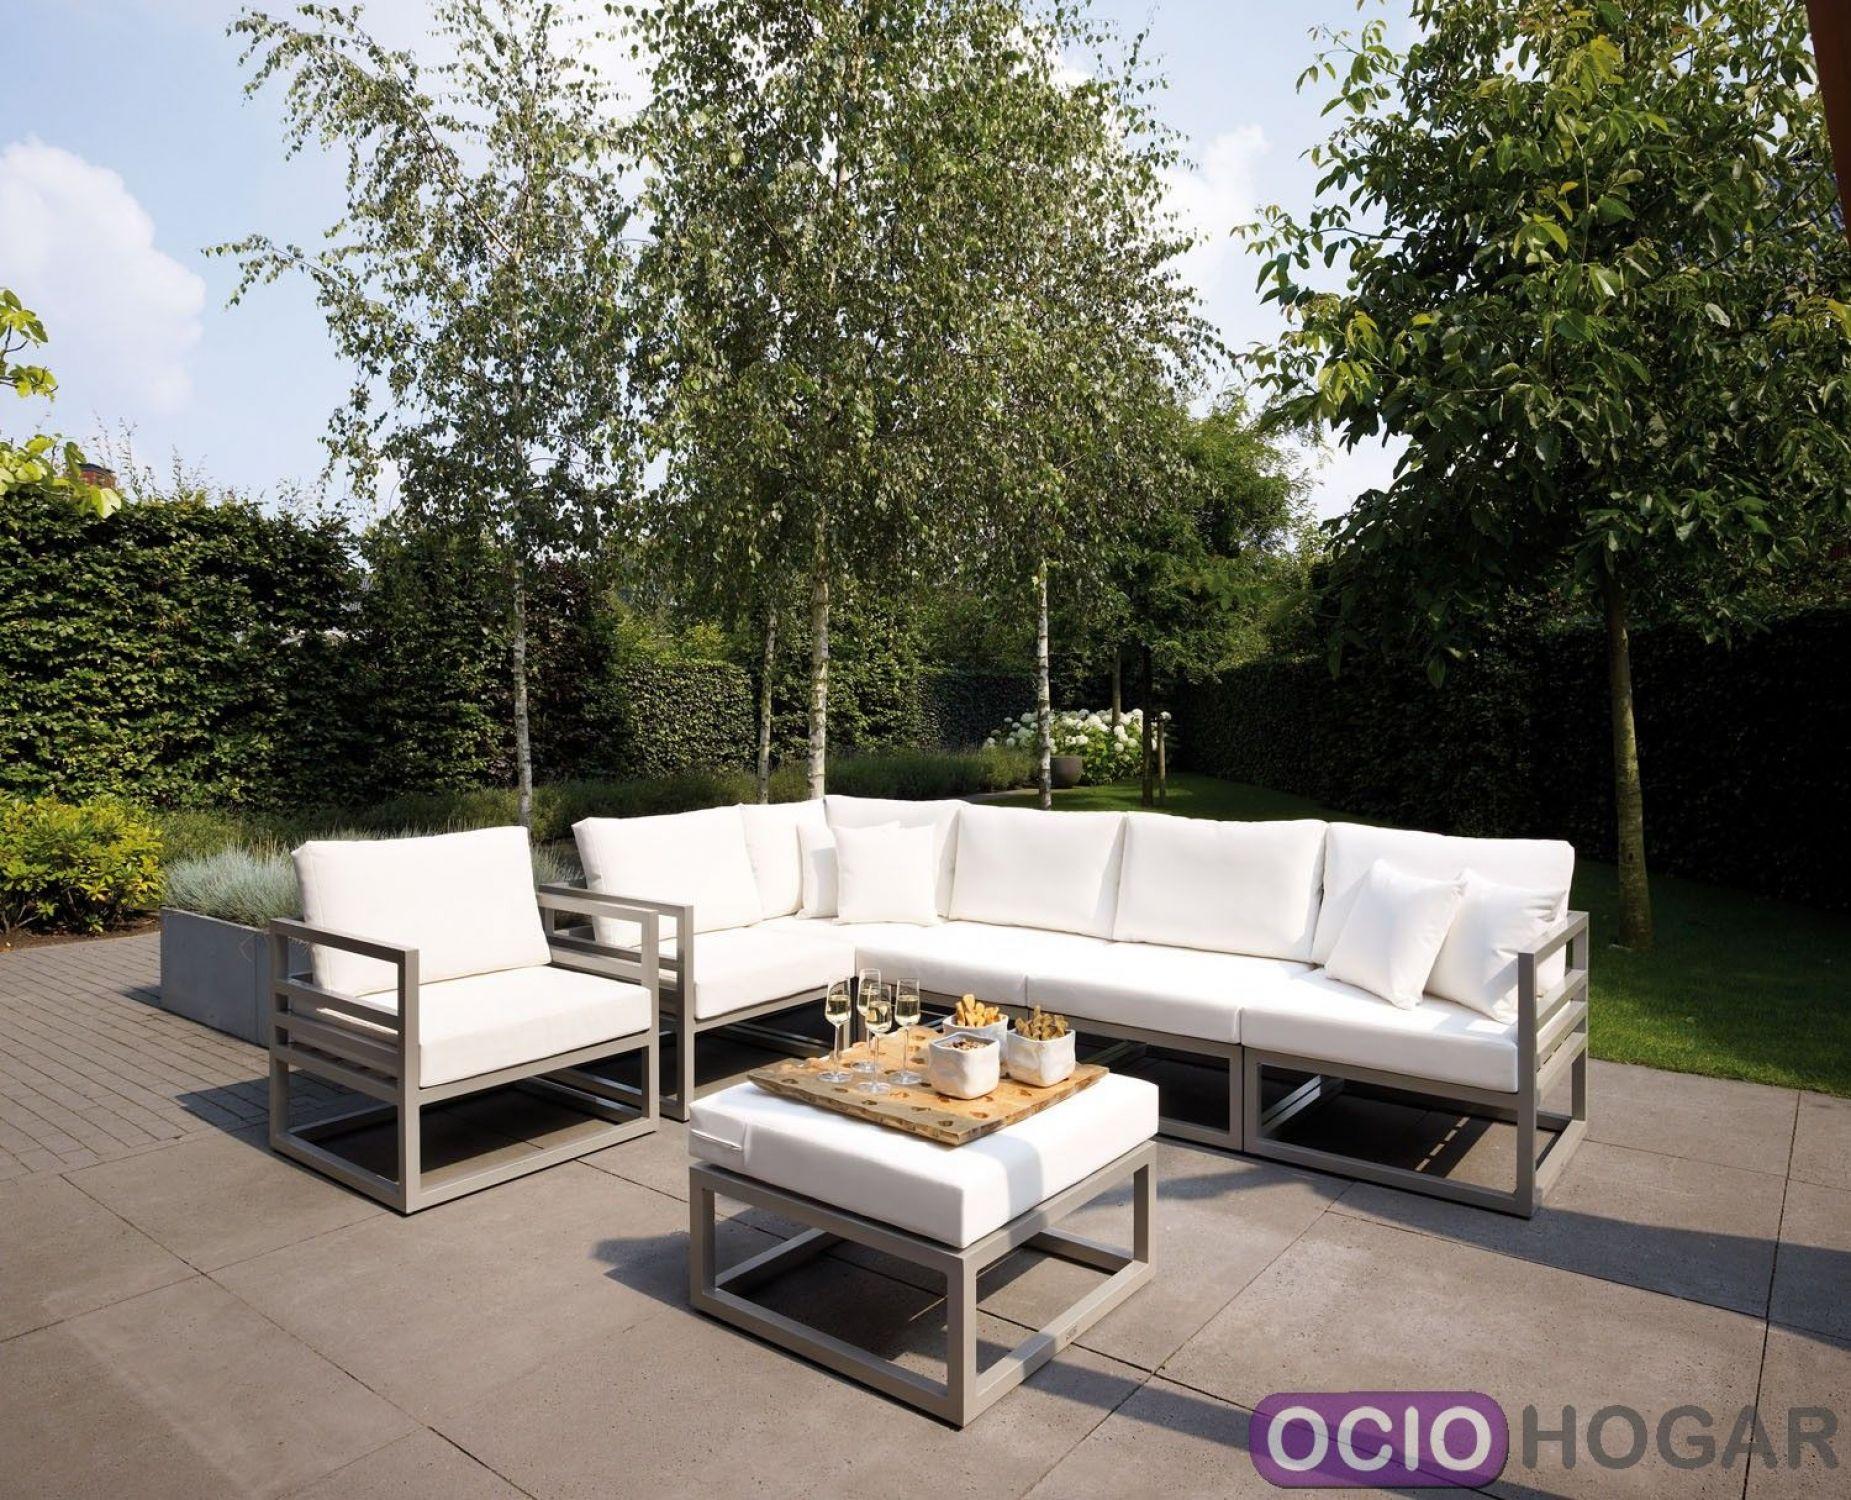 Sof y mesa de jard n aluminio francia majestic garden - Cojines para sofas de jardin ...